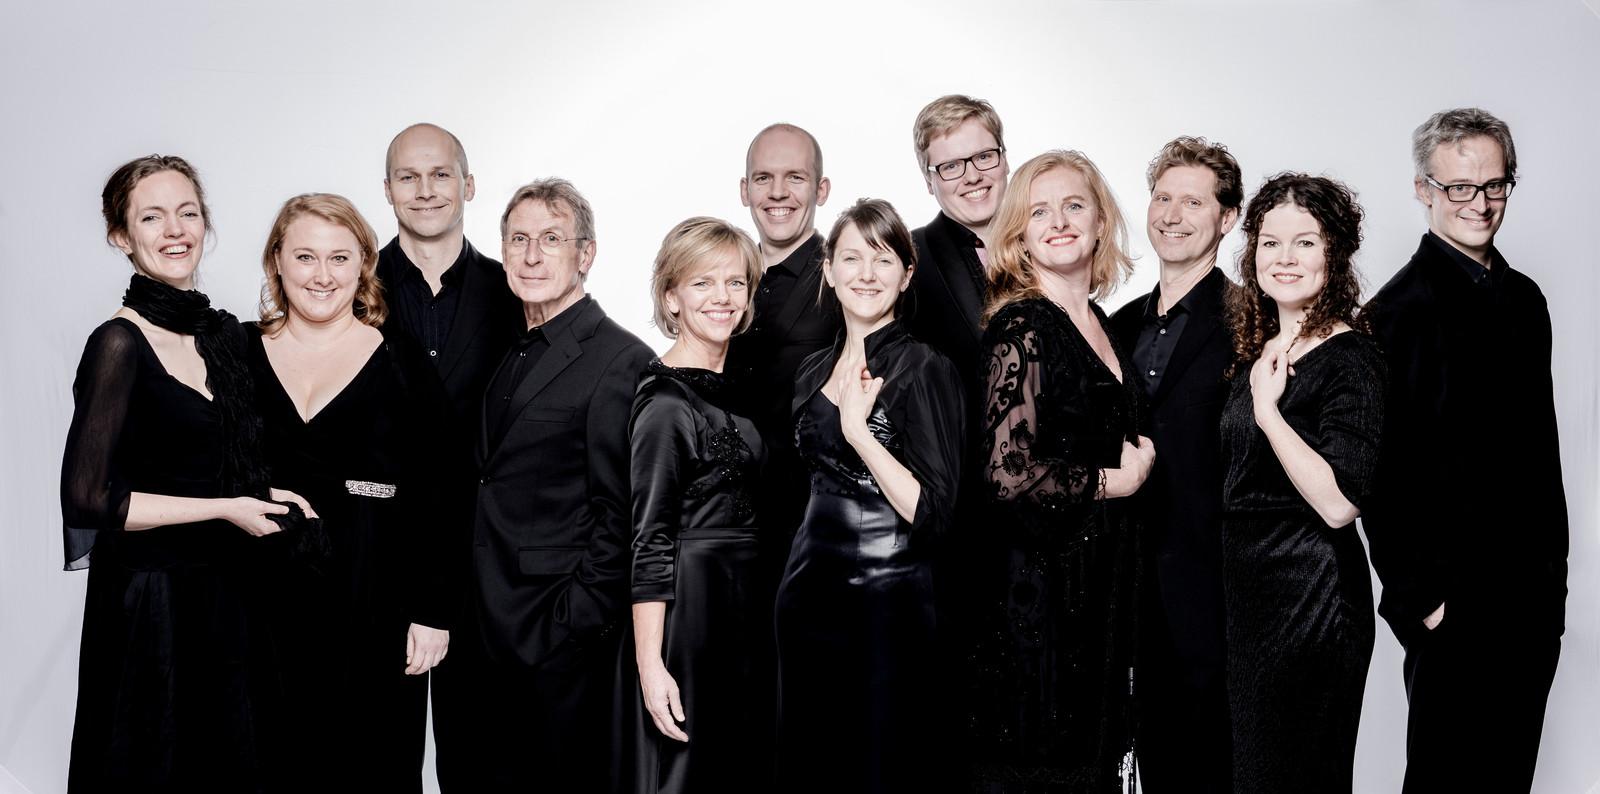 Muziekgezelschap Consensus Vocalis deed als enige uit Twente een aanvraag bij het Fonds Podiumkunsten, maar krijgt geen geld.